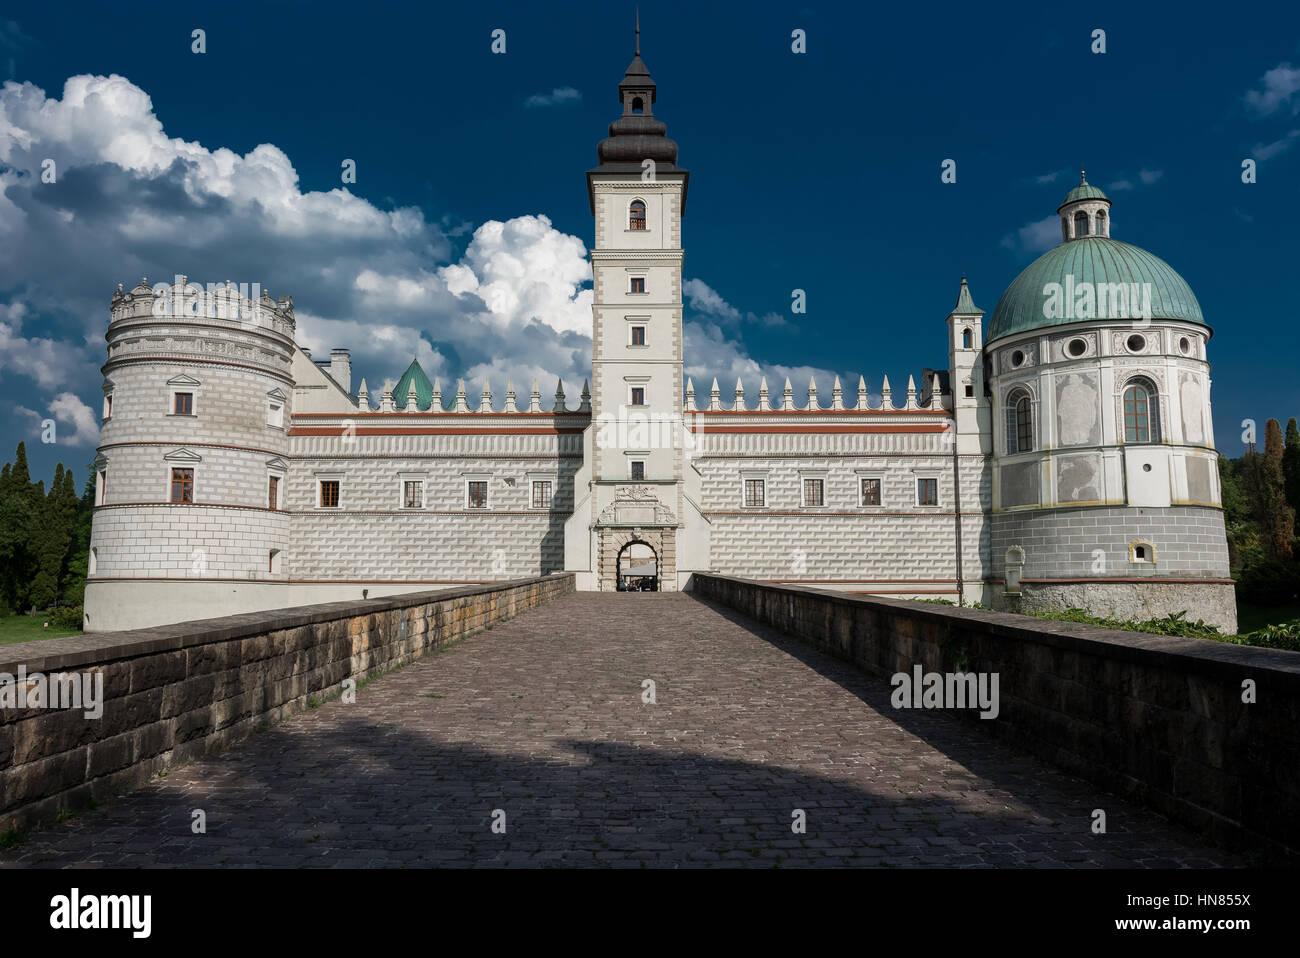 Krasiczyn Castle. Zamek w Krasiczynie Stock Photo